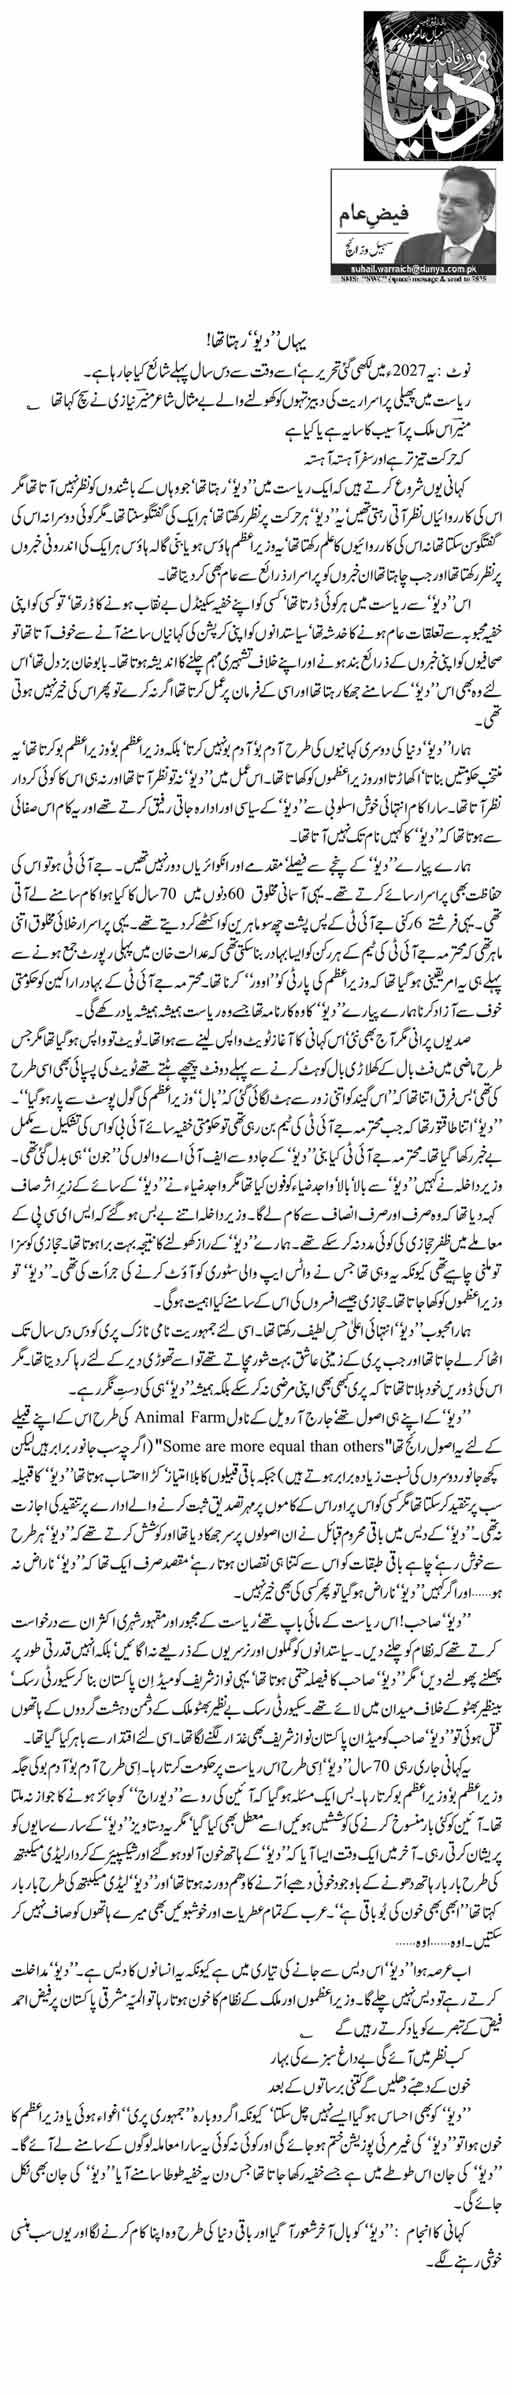 Yahan Deo Rehta Tha! | Sohail Warraich | Daily Urdu Columns